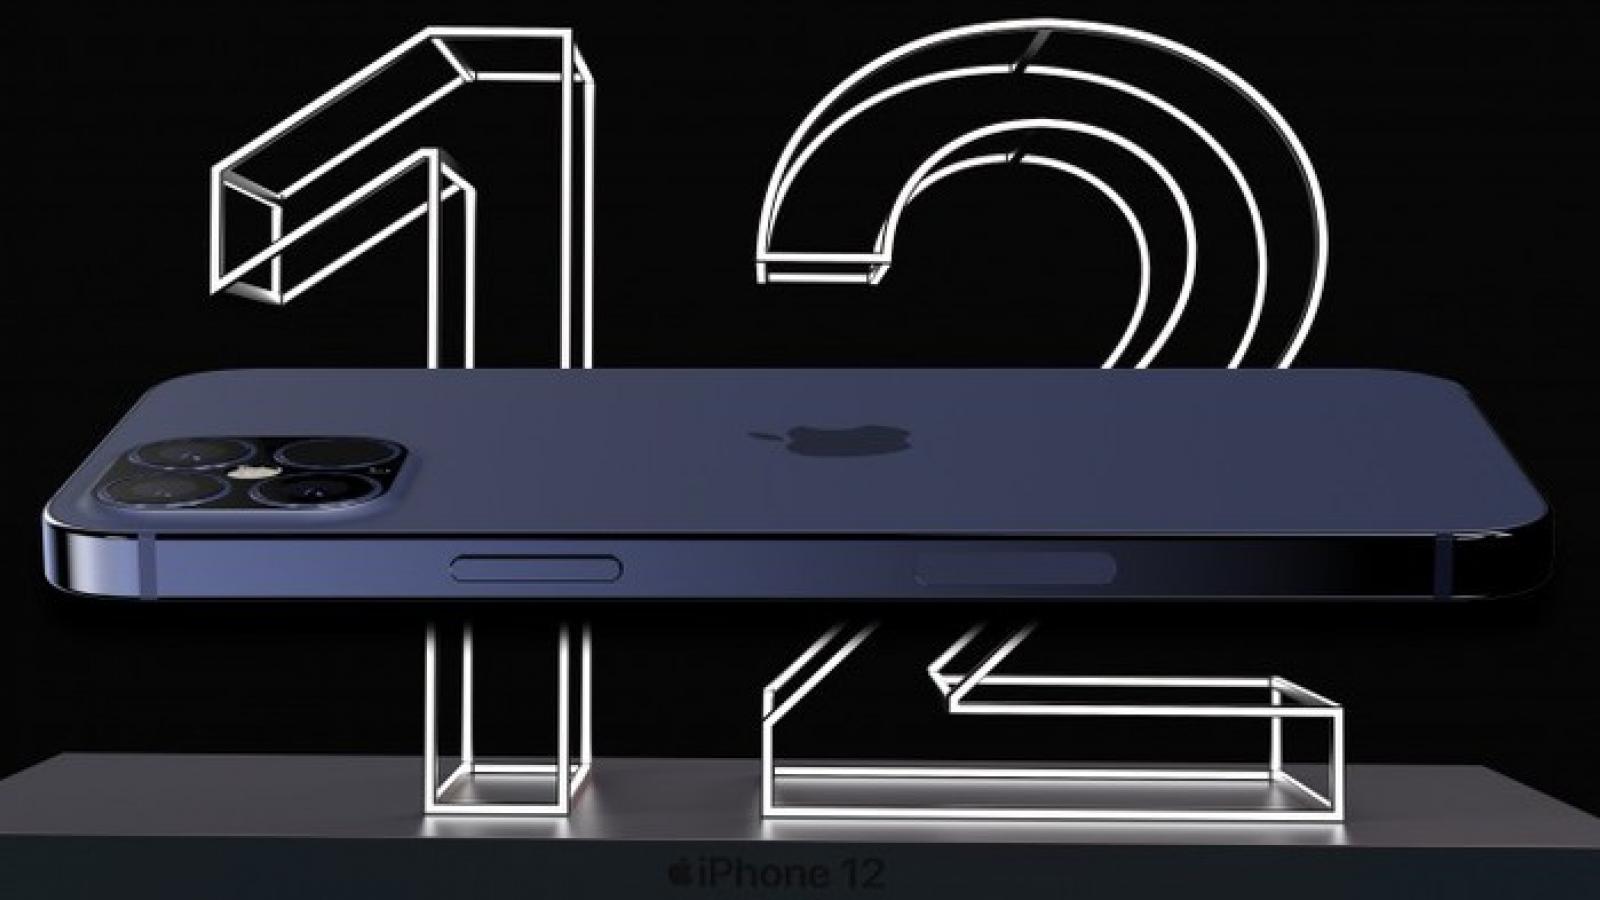 Cận cảnh chiếc iPhone 12 không có cổng kết nối của Apple